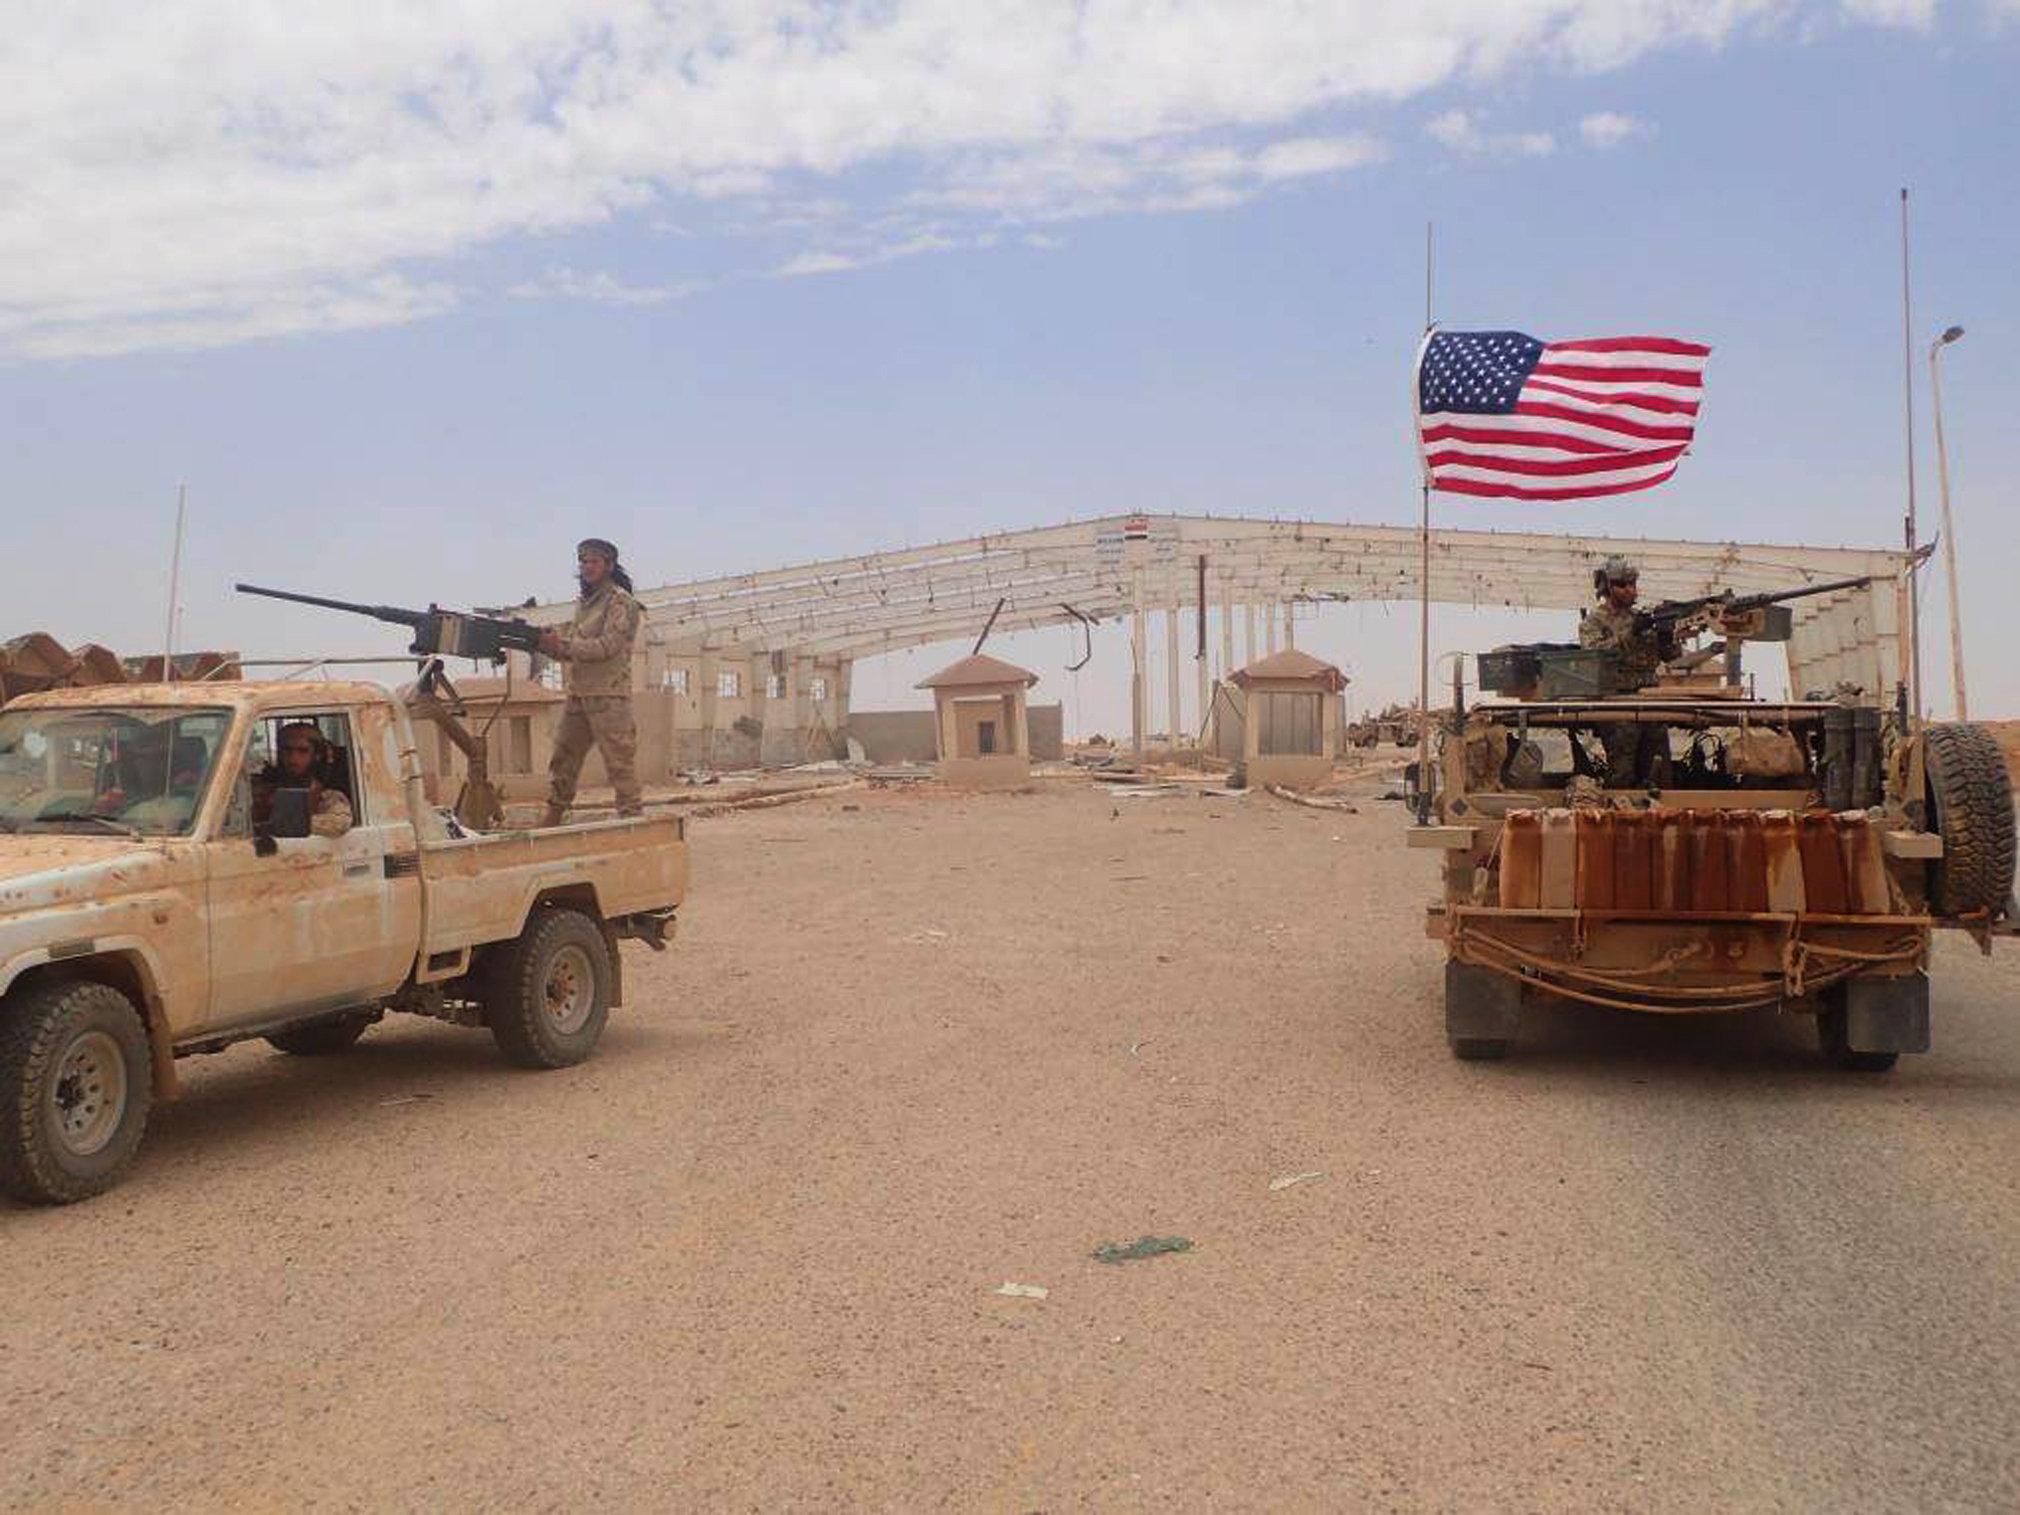 Η Μόσχα εγείρει ερωτήσεις σχετικά με την επίθεση των ΗΠΑ κατά των δυνάμεων της Δαμασκού στη Συρία. - Εικόνα1